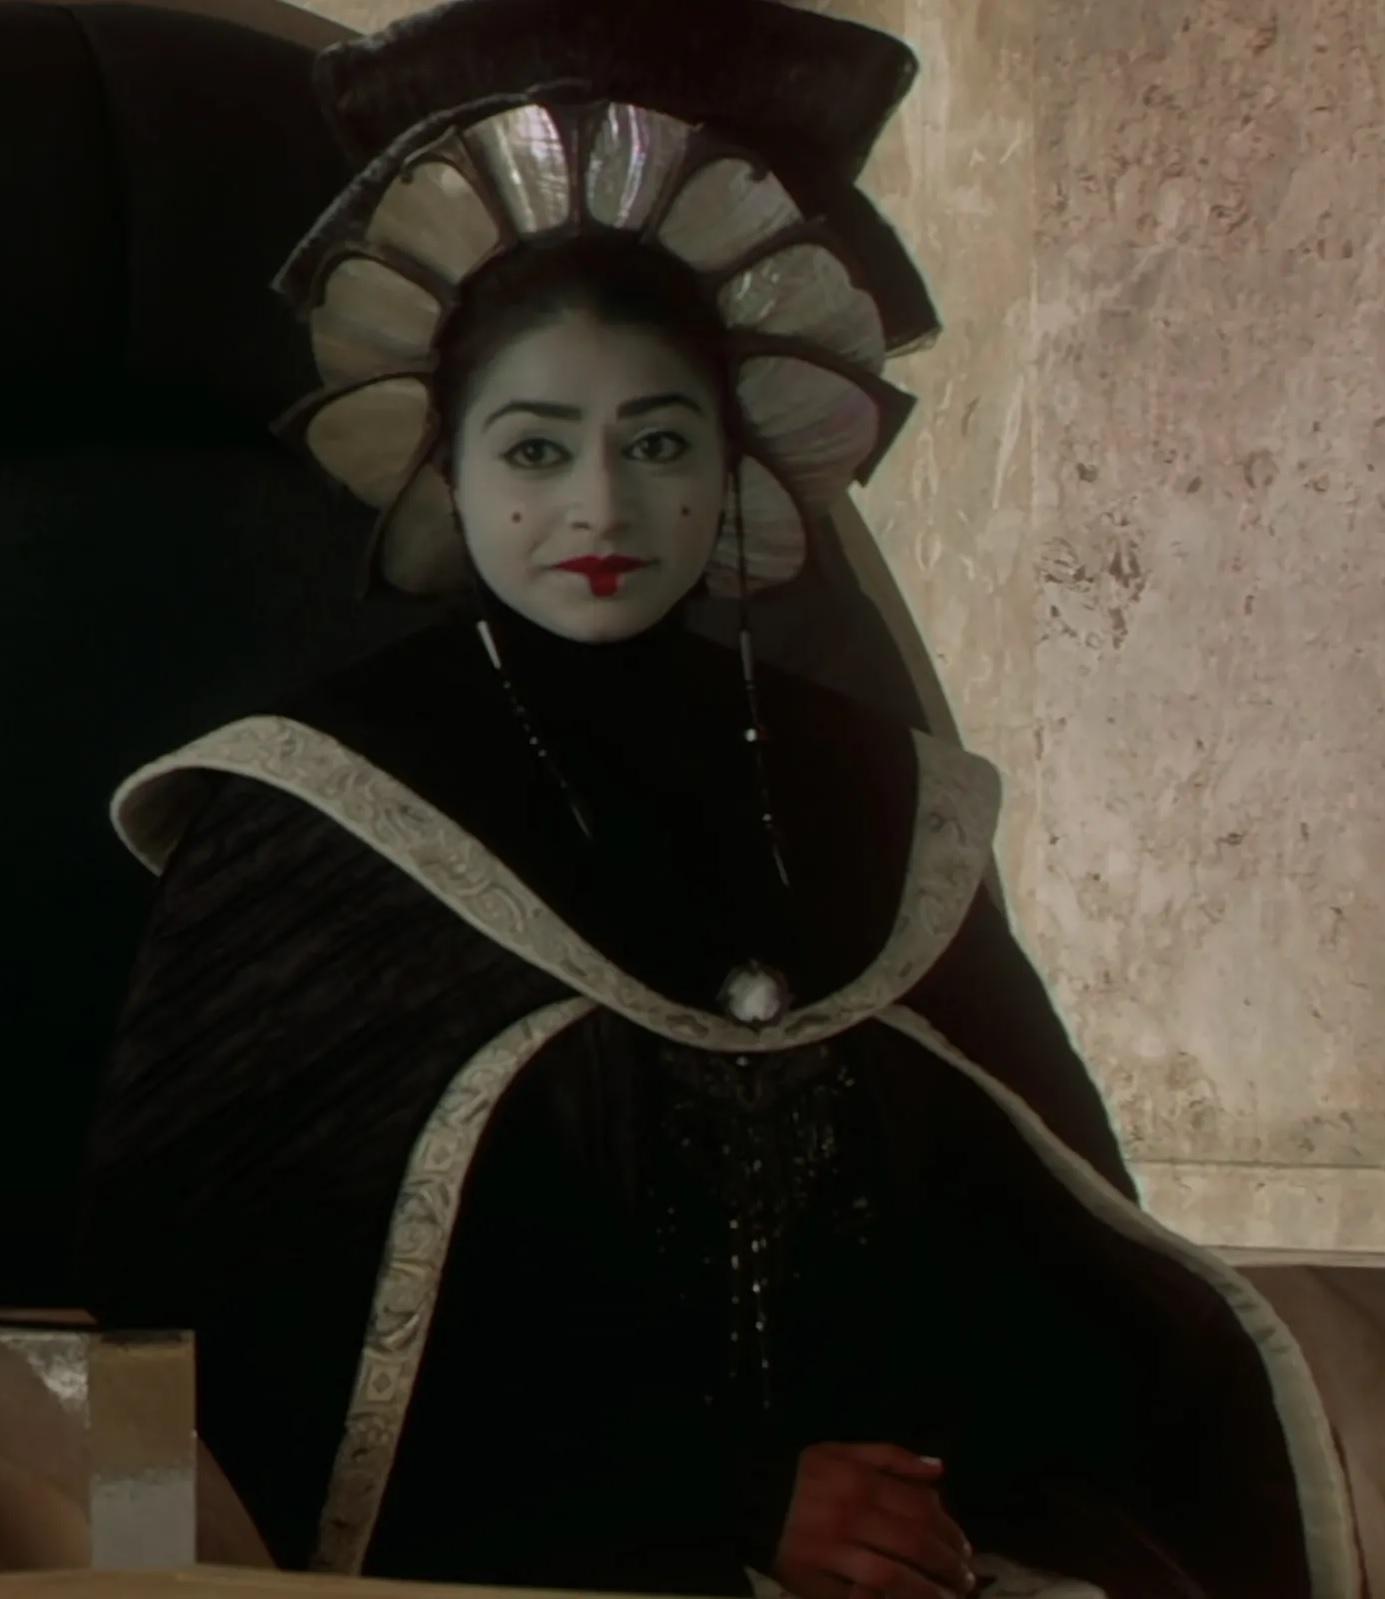 File:Ayesha Dharker as Queen Jamillia.jpg